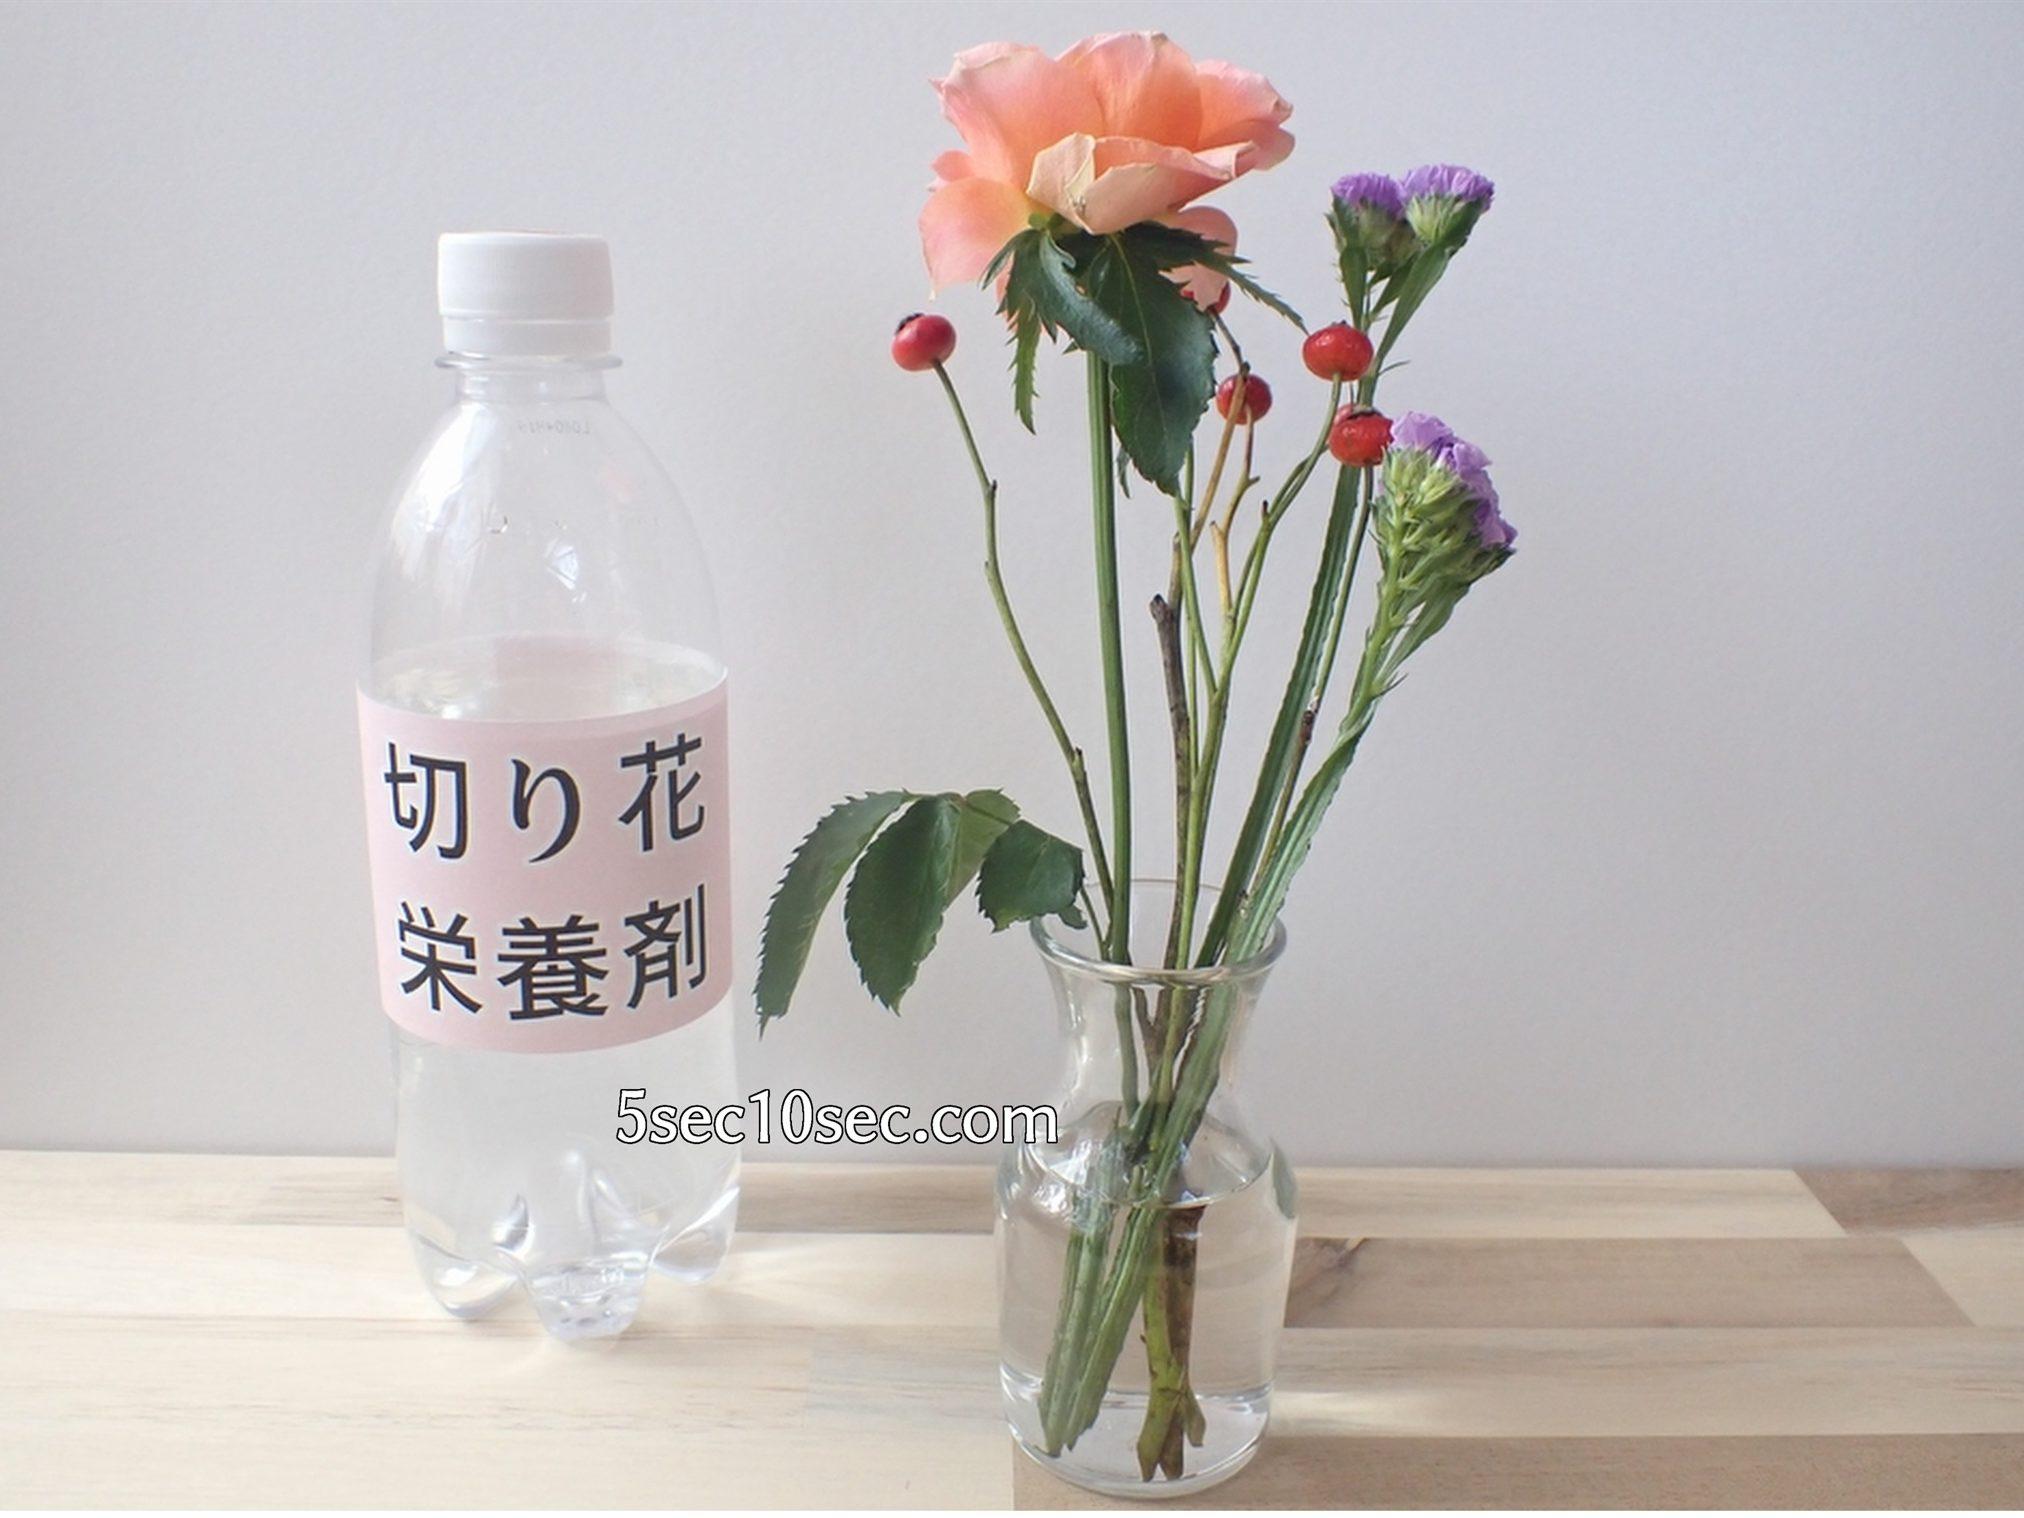 株式会社Crunch Style お花の定期便 Bloomee LIFE ブルーミーライフ 500円(税別・送料別)の体験プラン 切り花栄養剤、お花の延命剤が足りない時に、売っている場所は、お花屋さんです